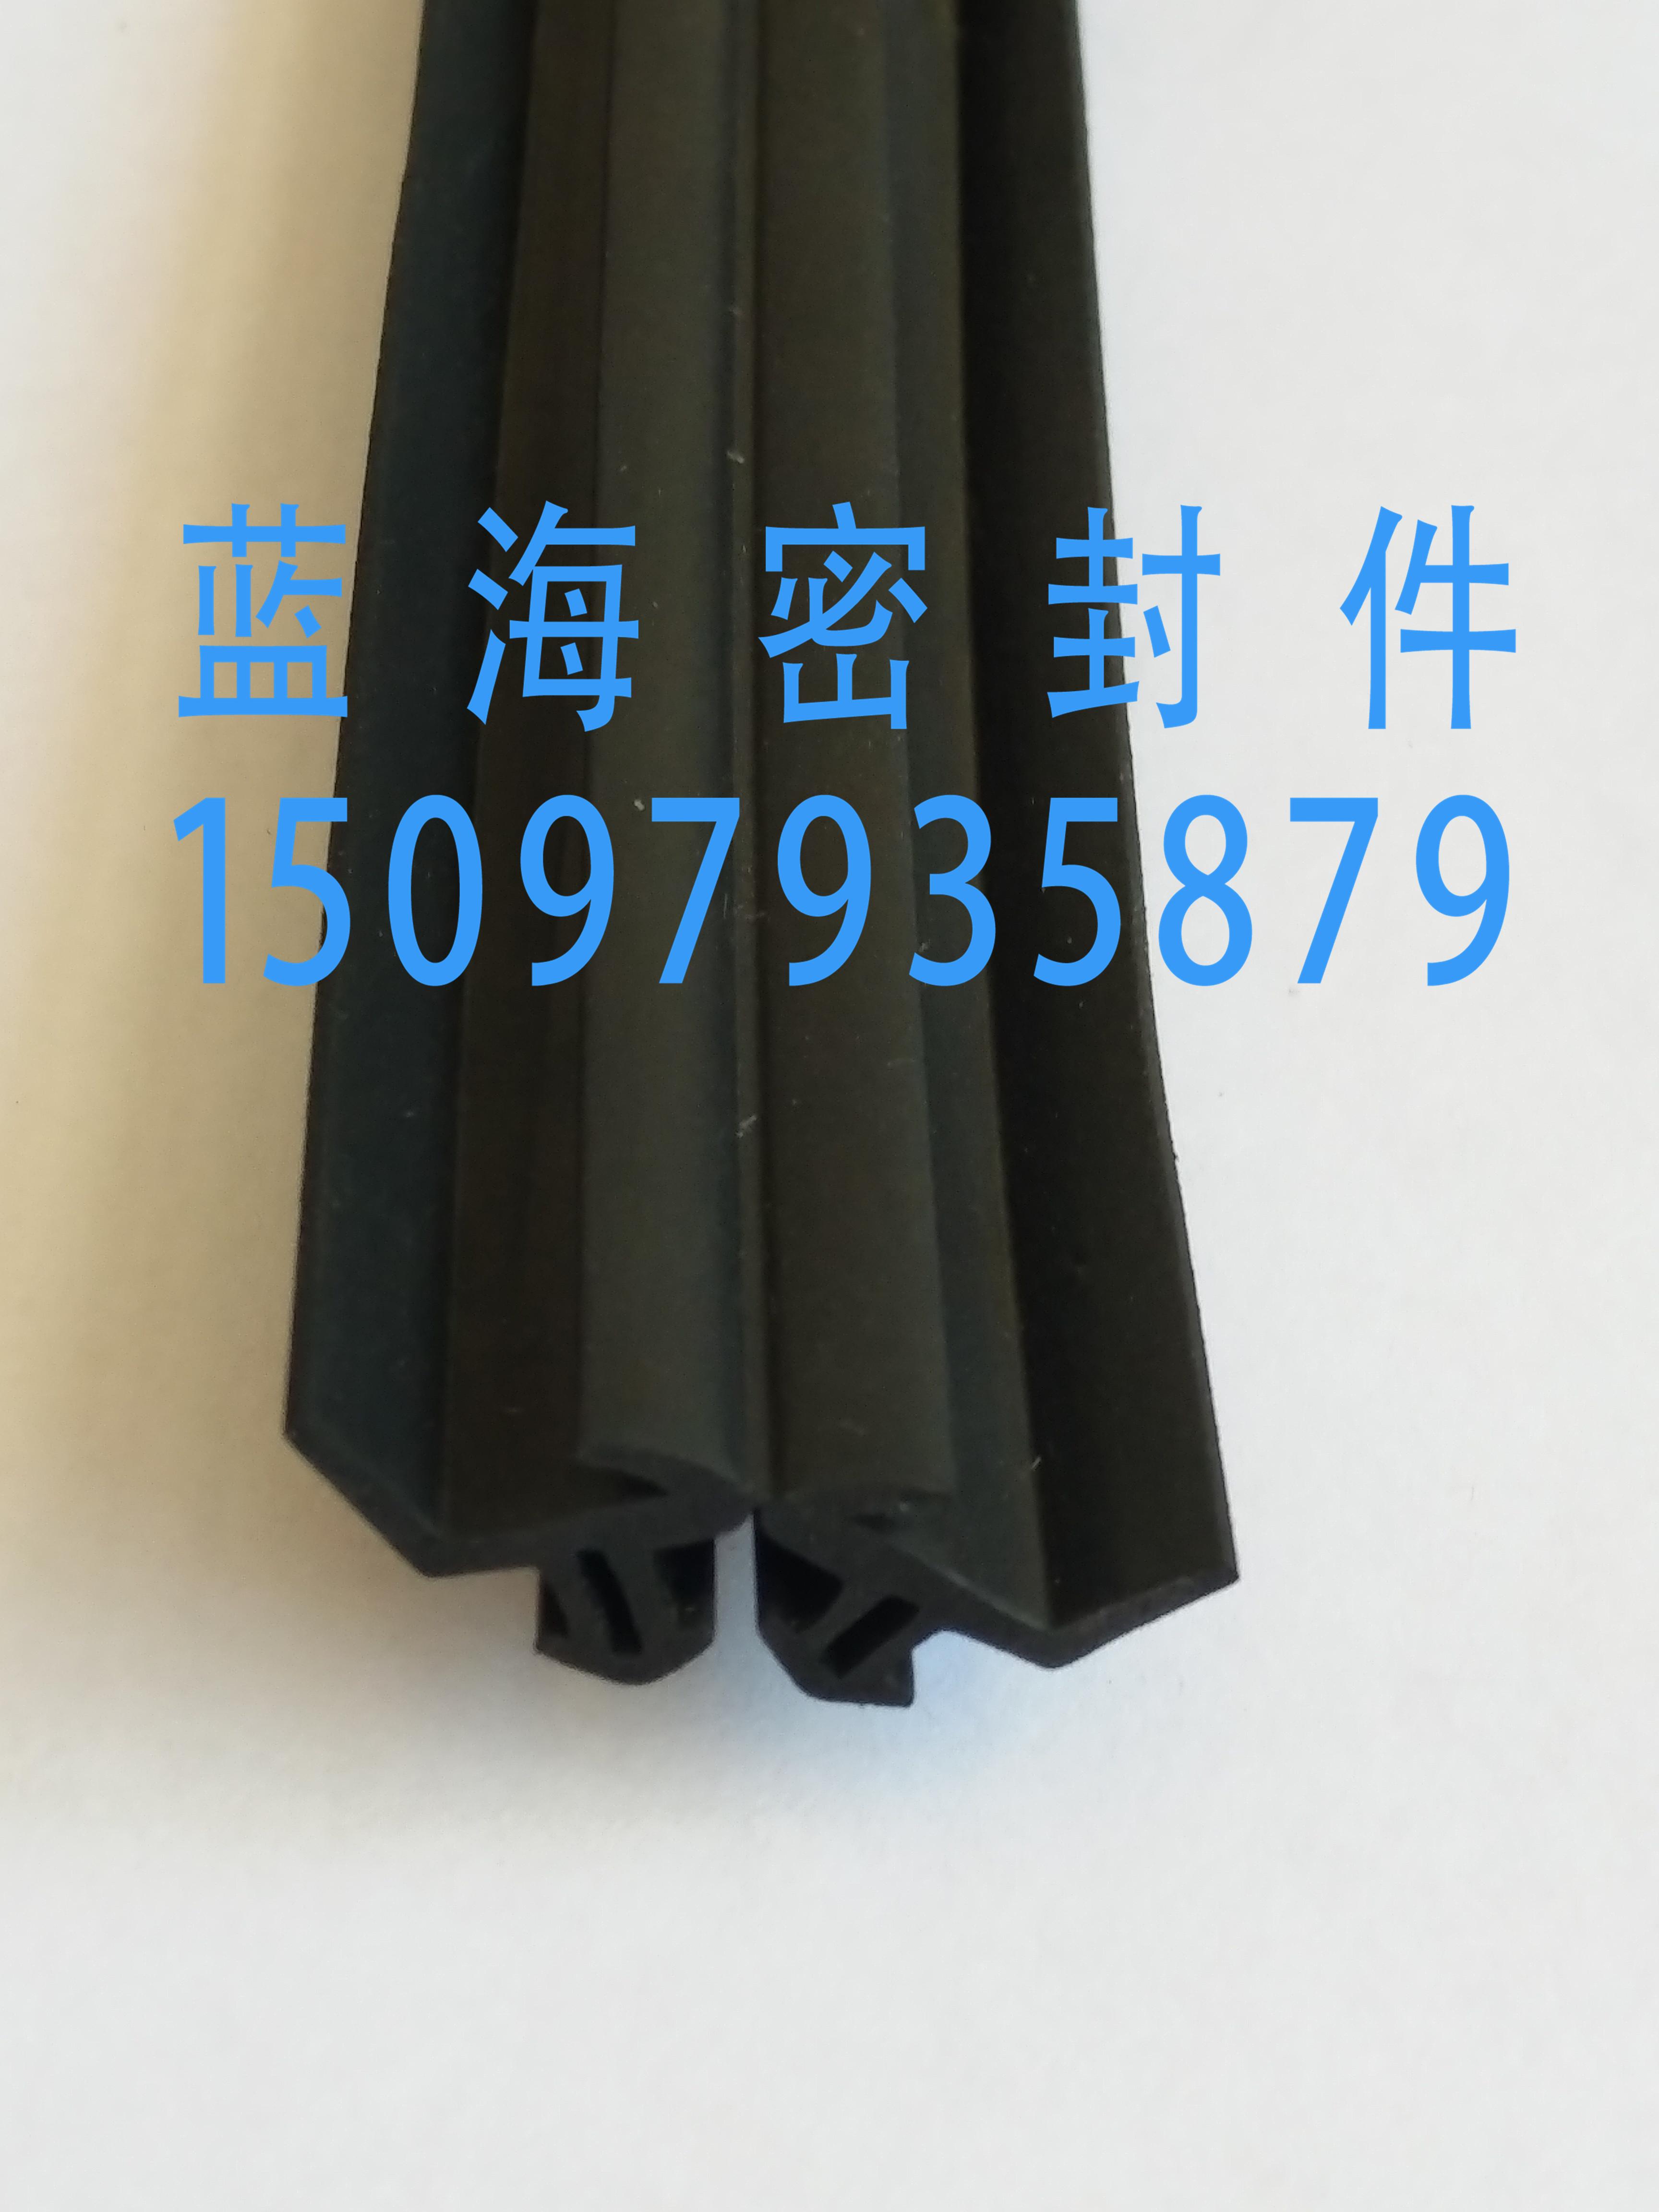 Дверь окно Клей для открывания полосатый Резиновое уплотнение из EPDM полосатый Пластиковая резина полосатый Сломанный мост алюминий печать полосатый Резиновая кожа полосатый